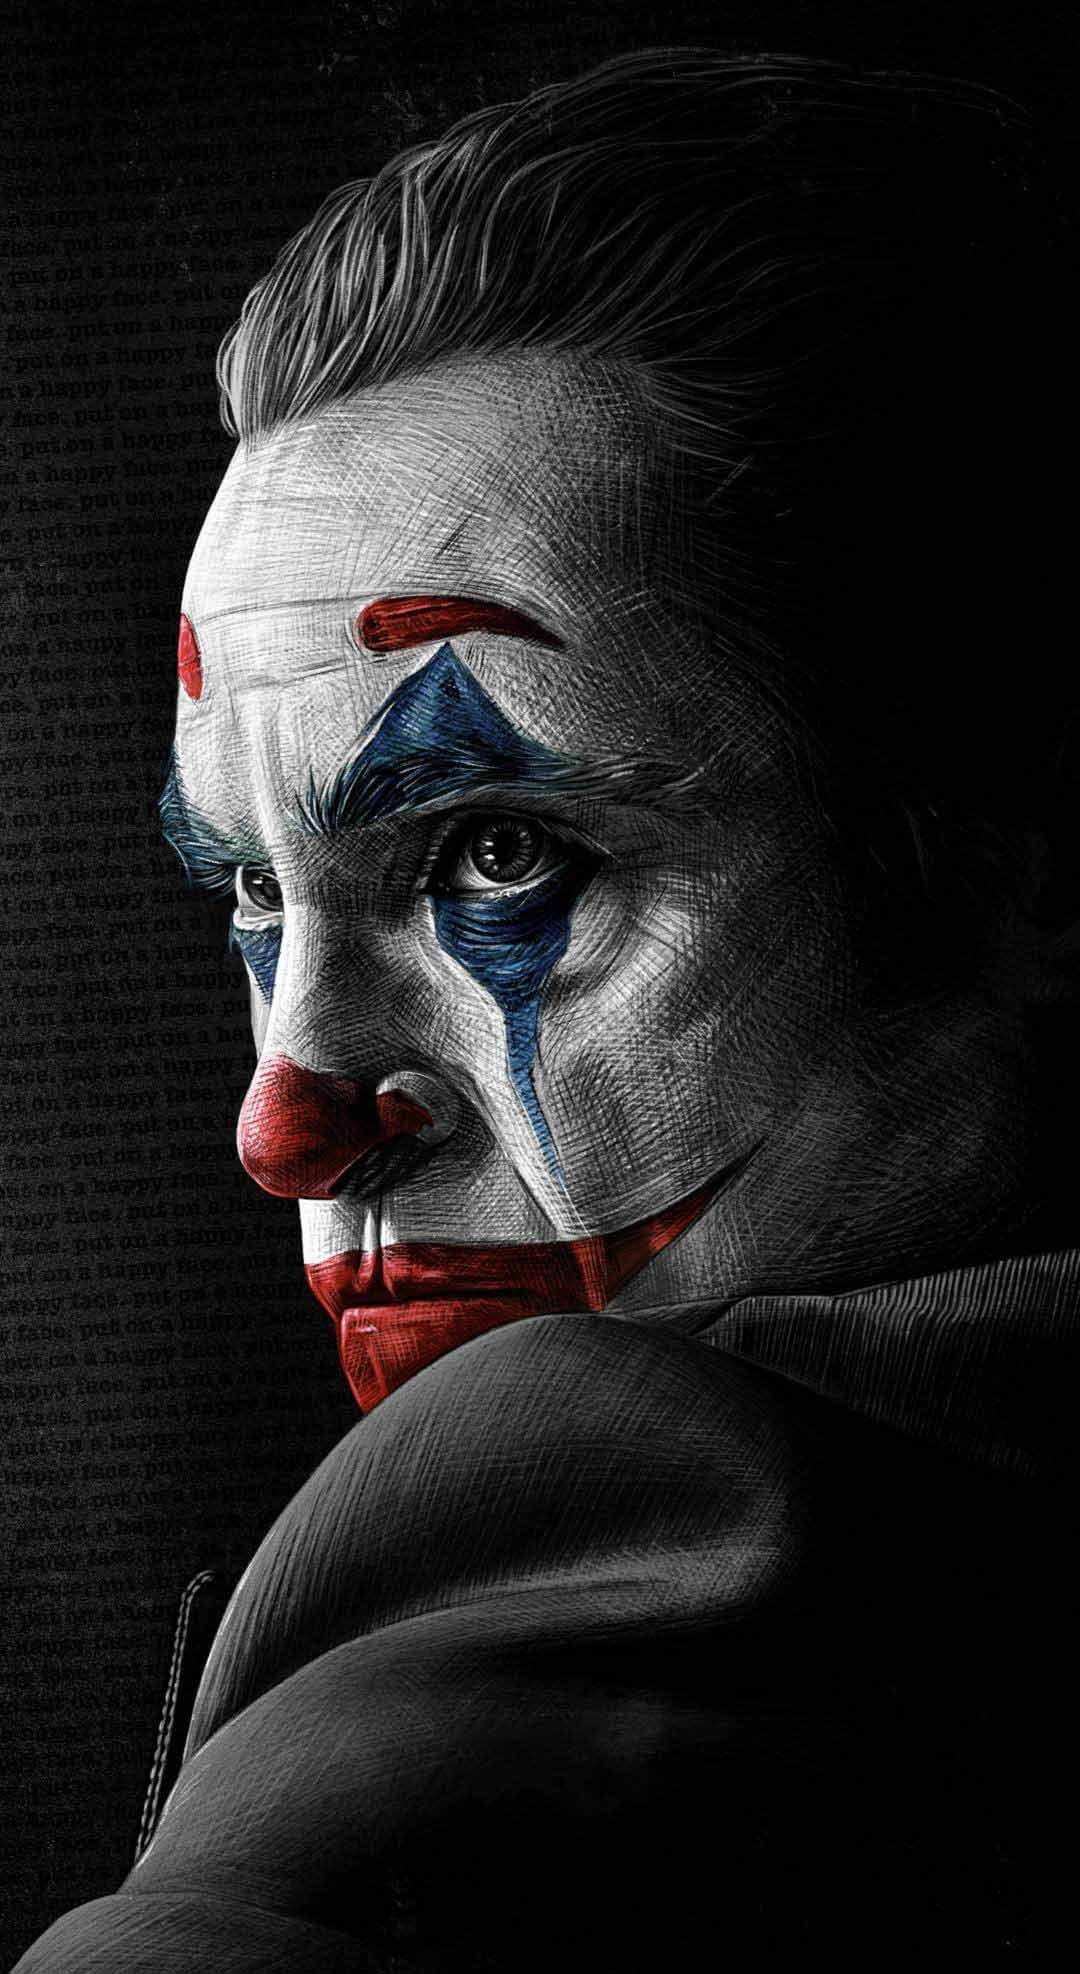 Download Wallpaper For Smartphone Joker Wallpapers Batman Joker Wallpaper Joker Cartoon